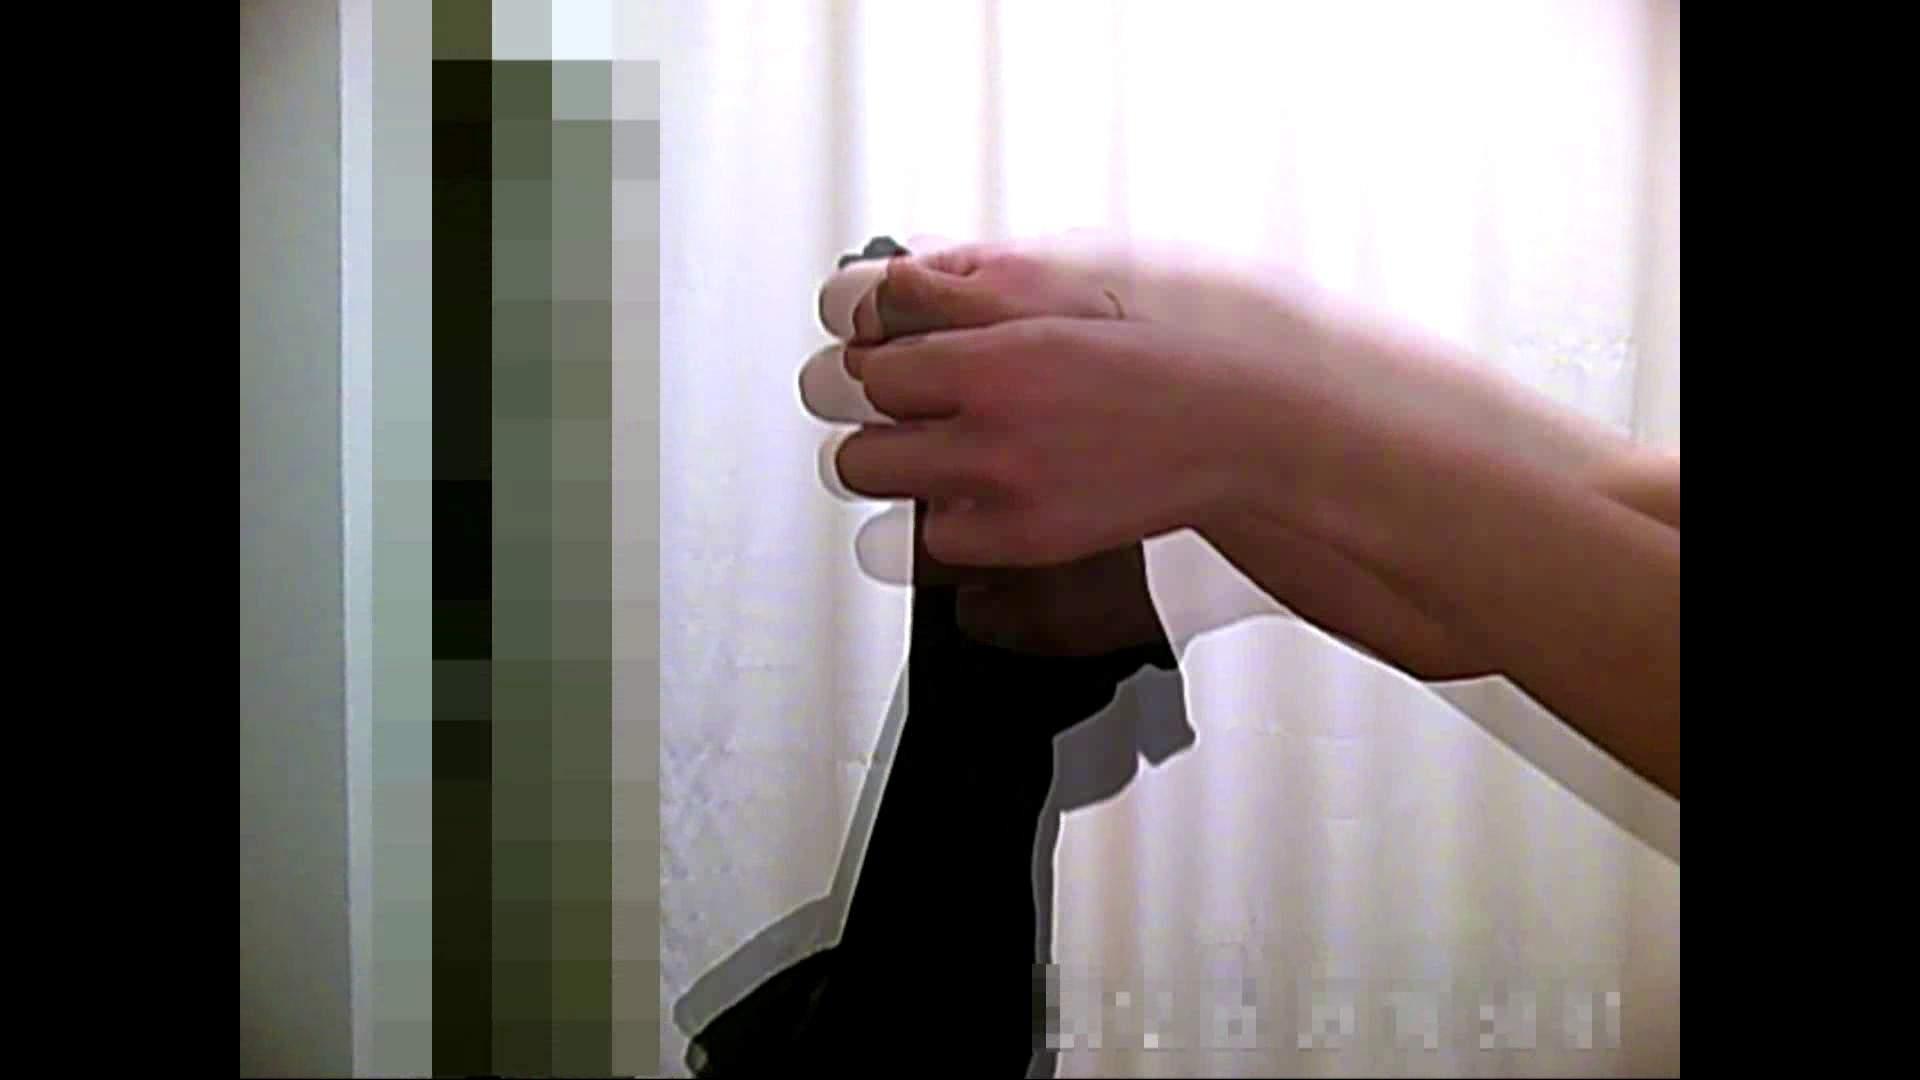 無修正ヌード 元医者による反抗 更衣室地獄絵巻 vol.001 怪盗ジョーカー